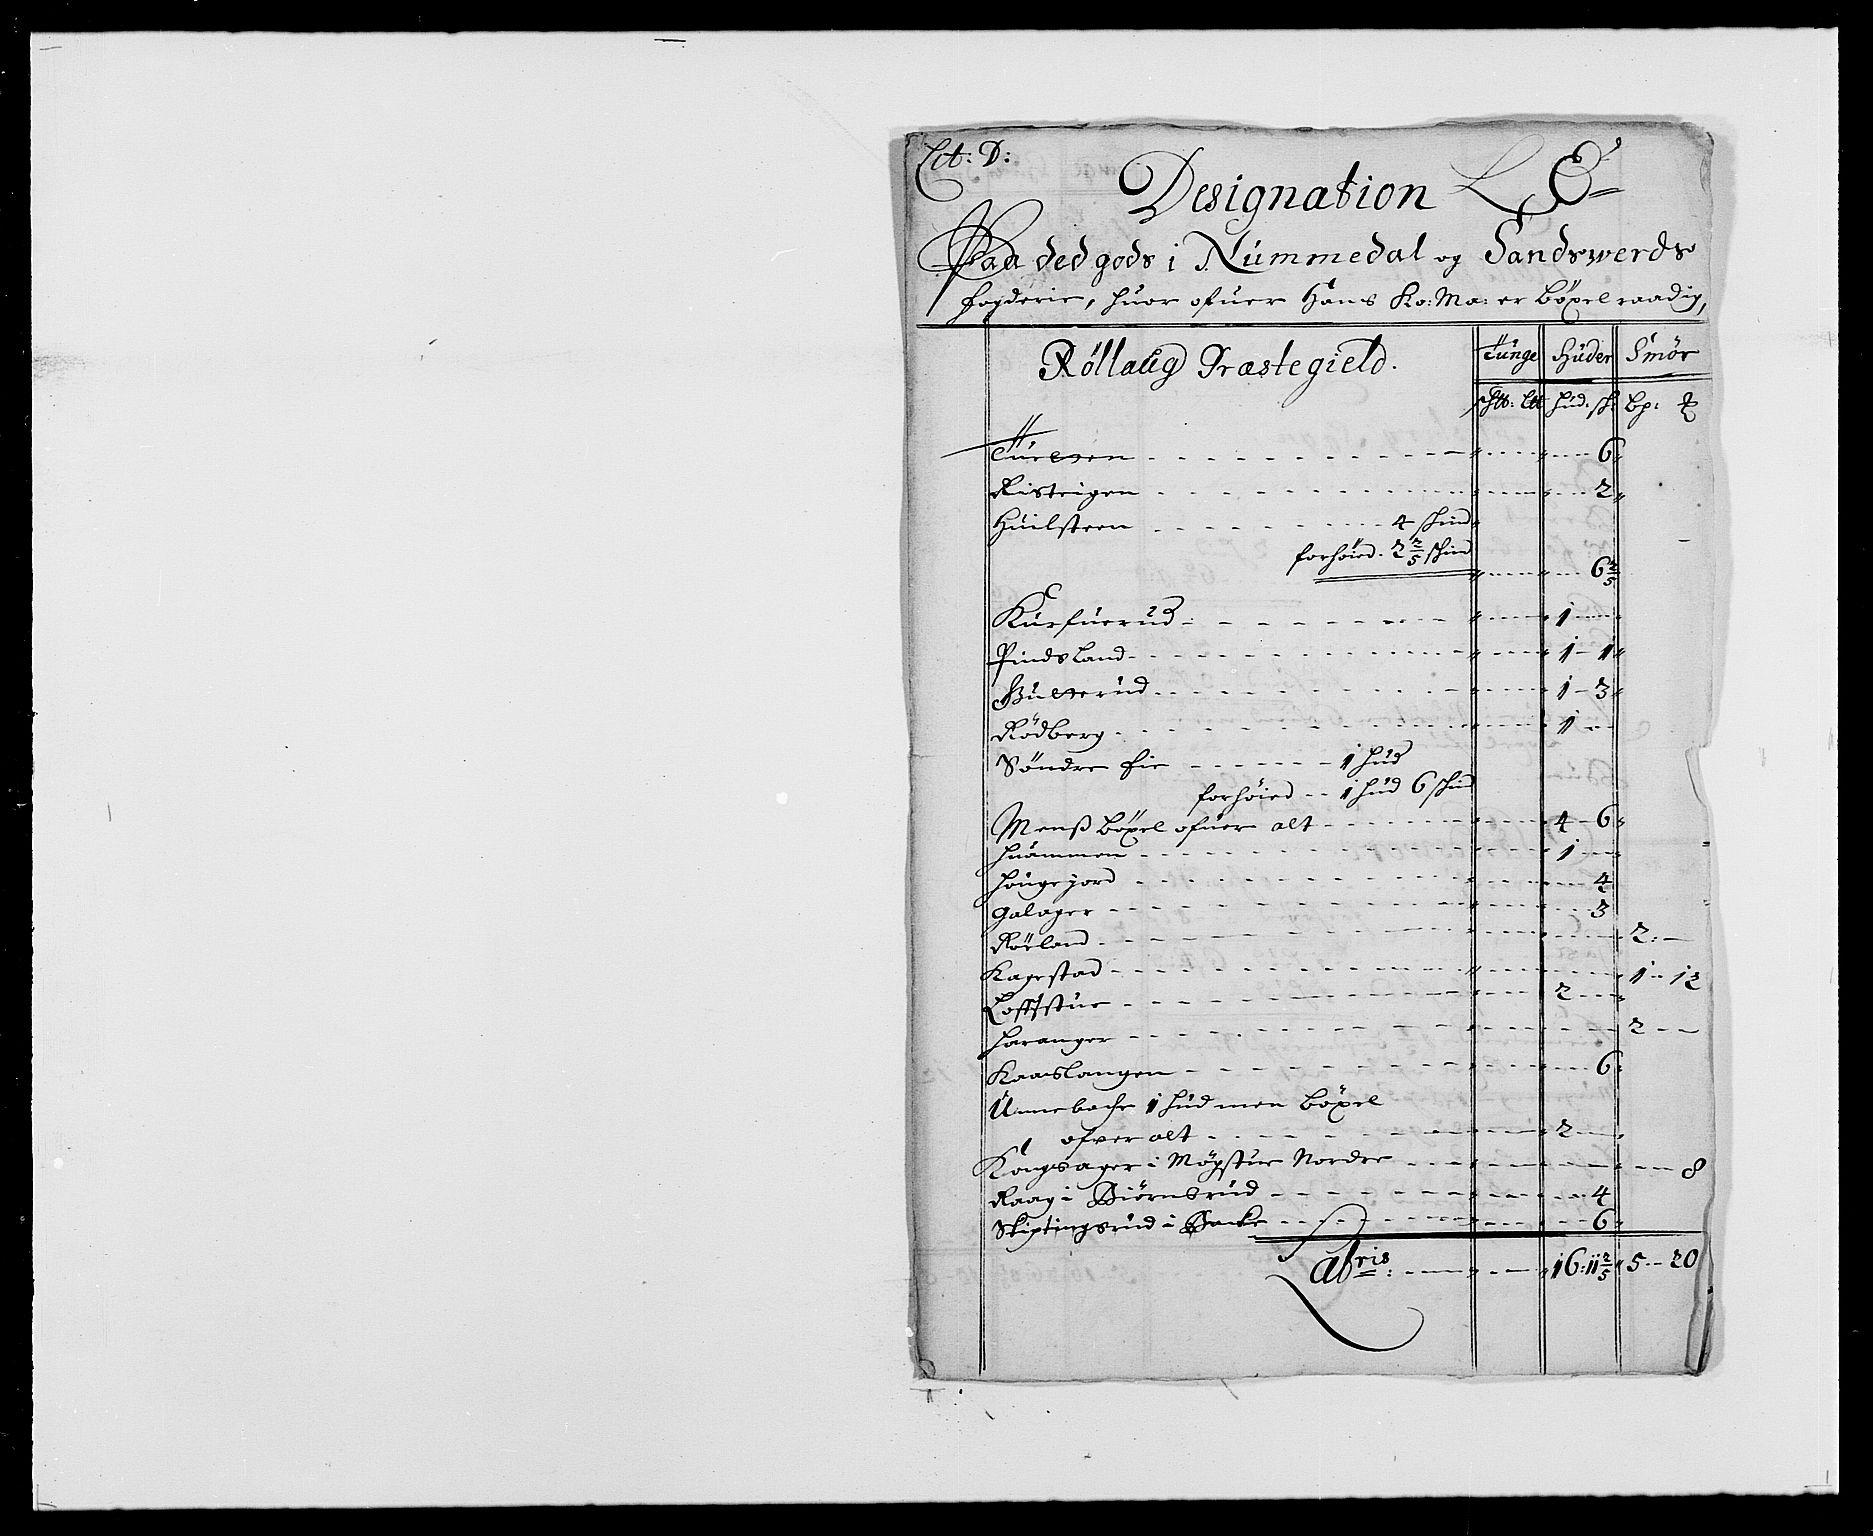 RA, Rentekammeret inntil 1814, Reviderte regnskaper, Fogderegnskap, R24/L1573: Fogderegnskap Numedal og Sandsvær, 1687-1691, s. 288